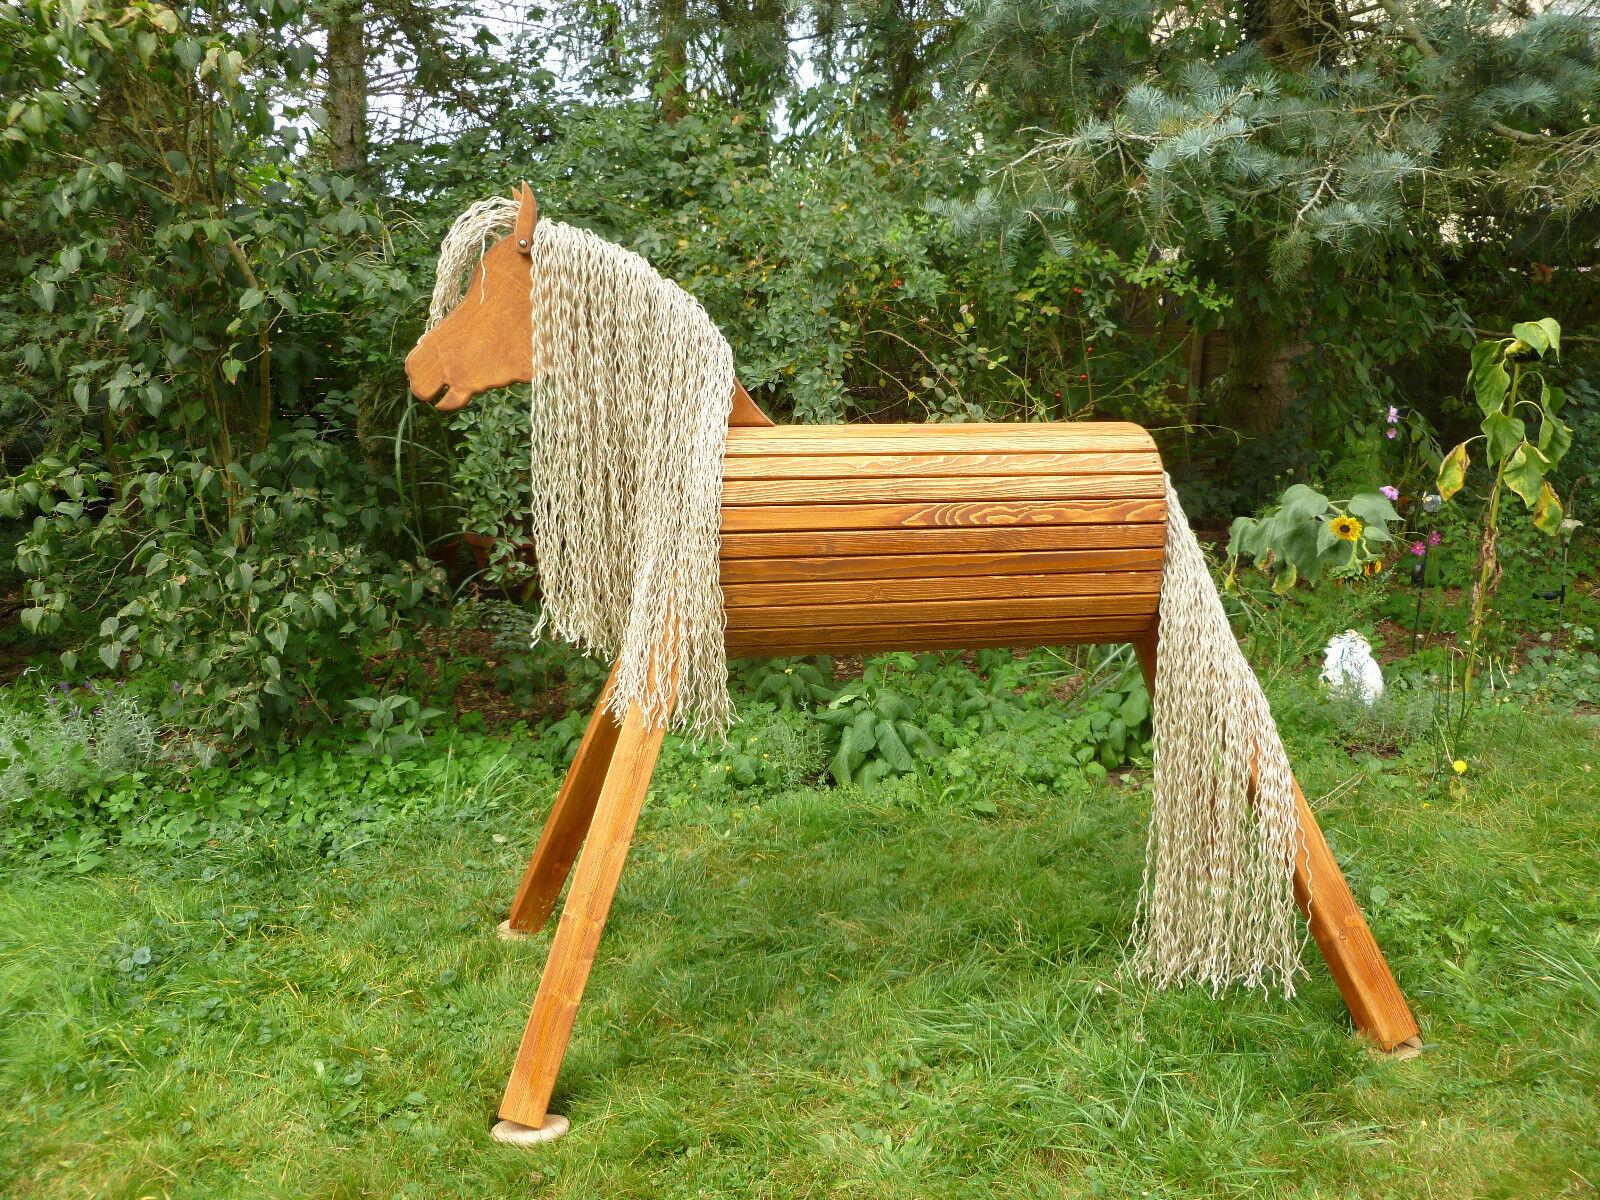 110cm Holzpferd Voltigierpferd Pferd Pony Fuchs mit Maul wetterfest NEU